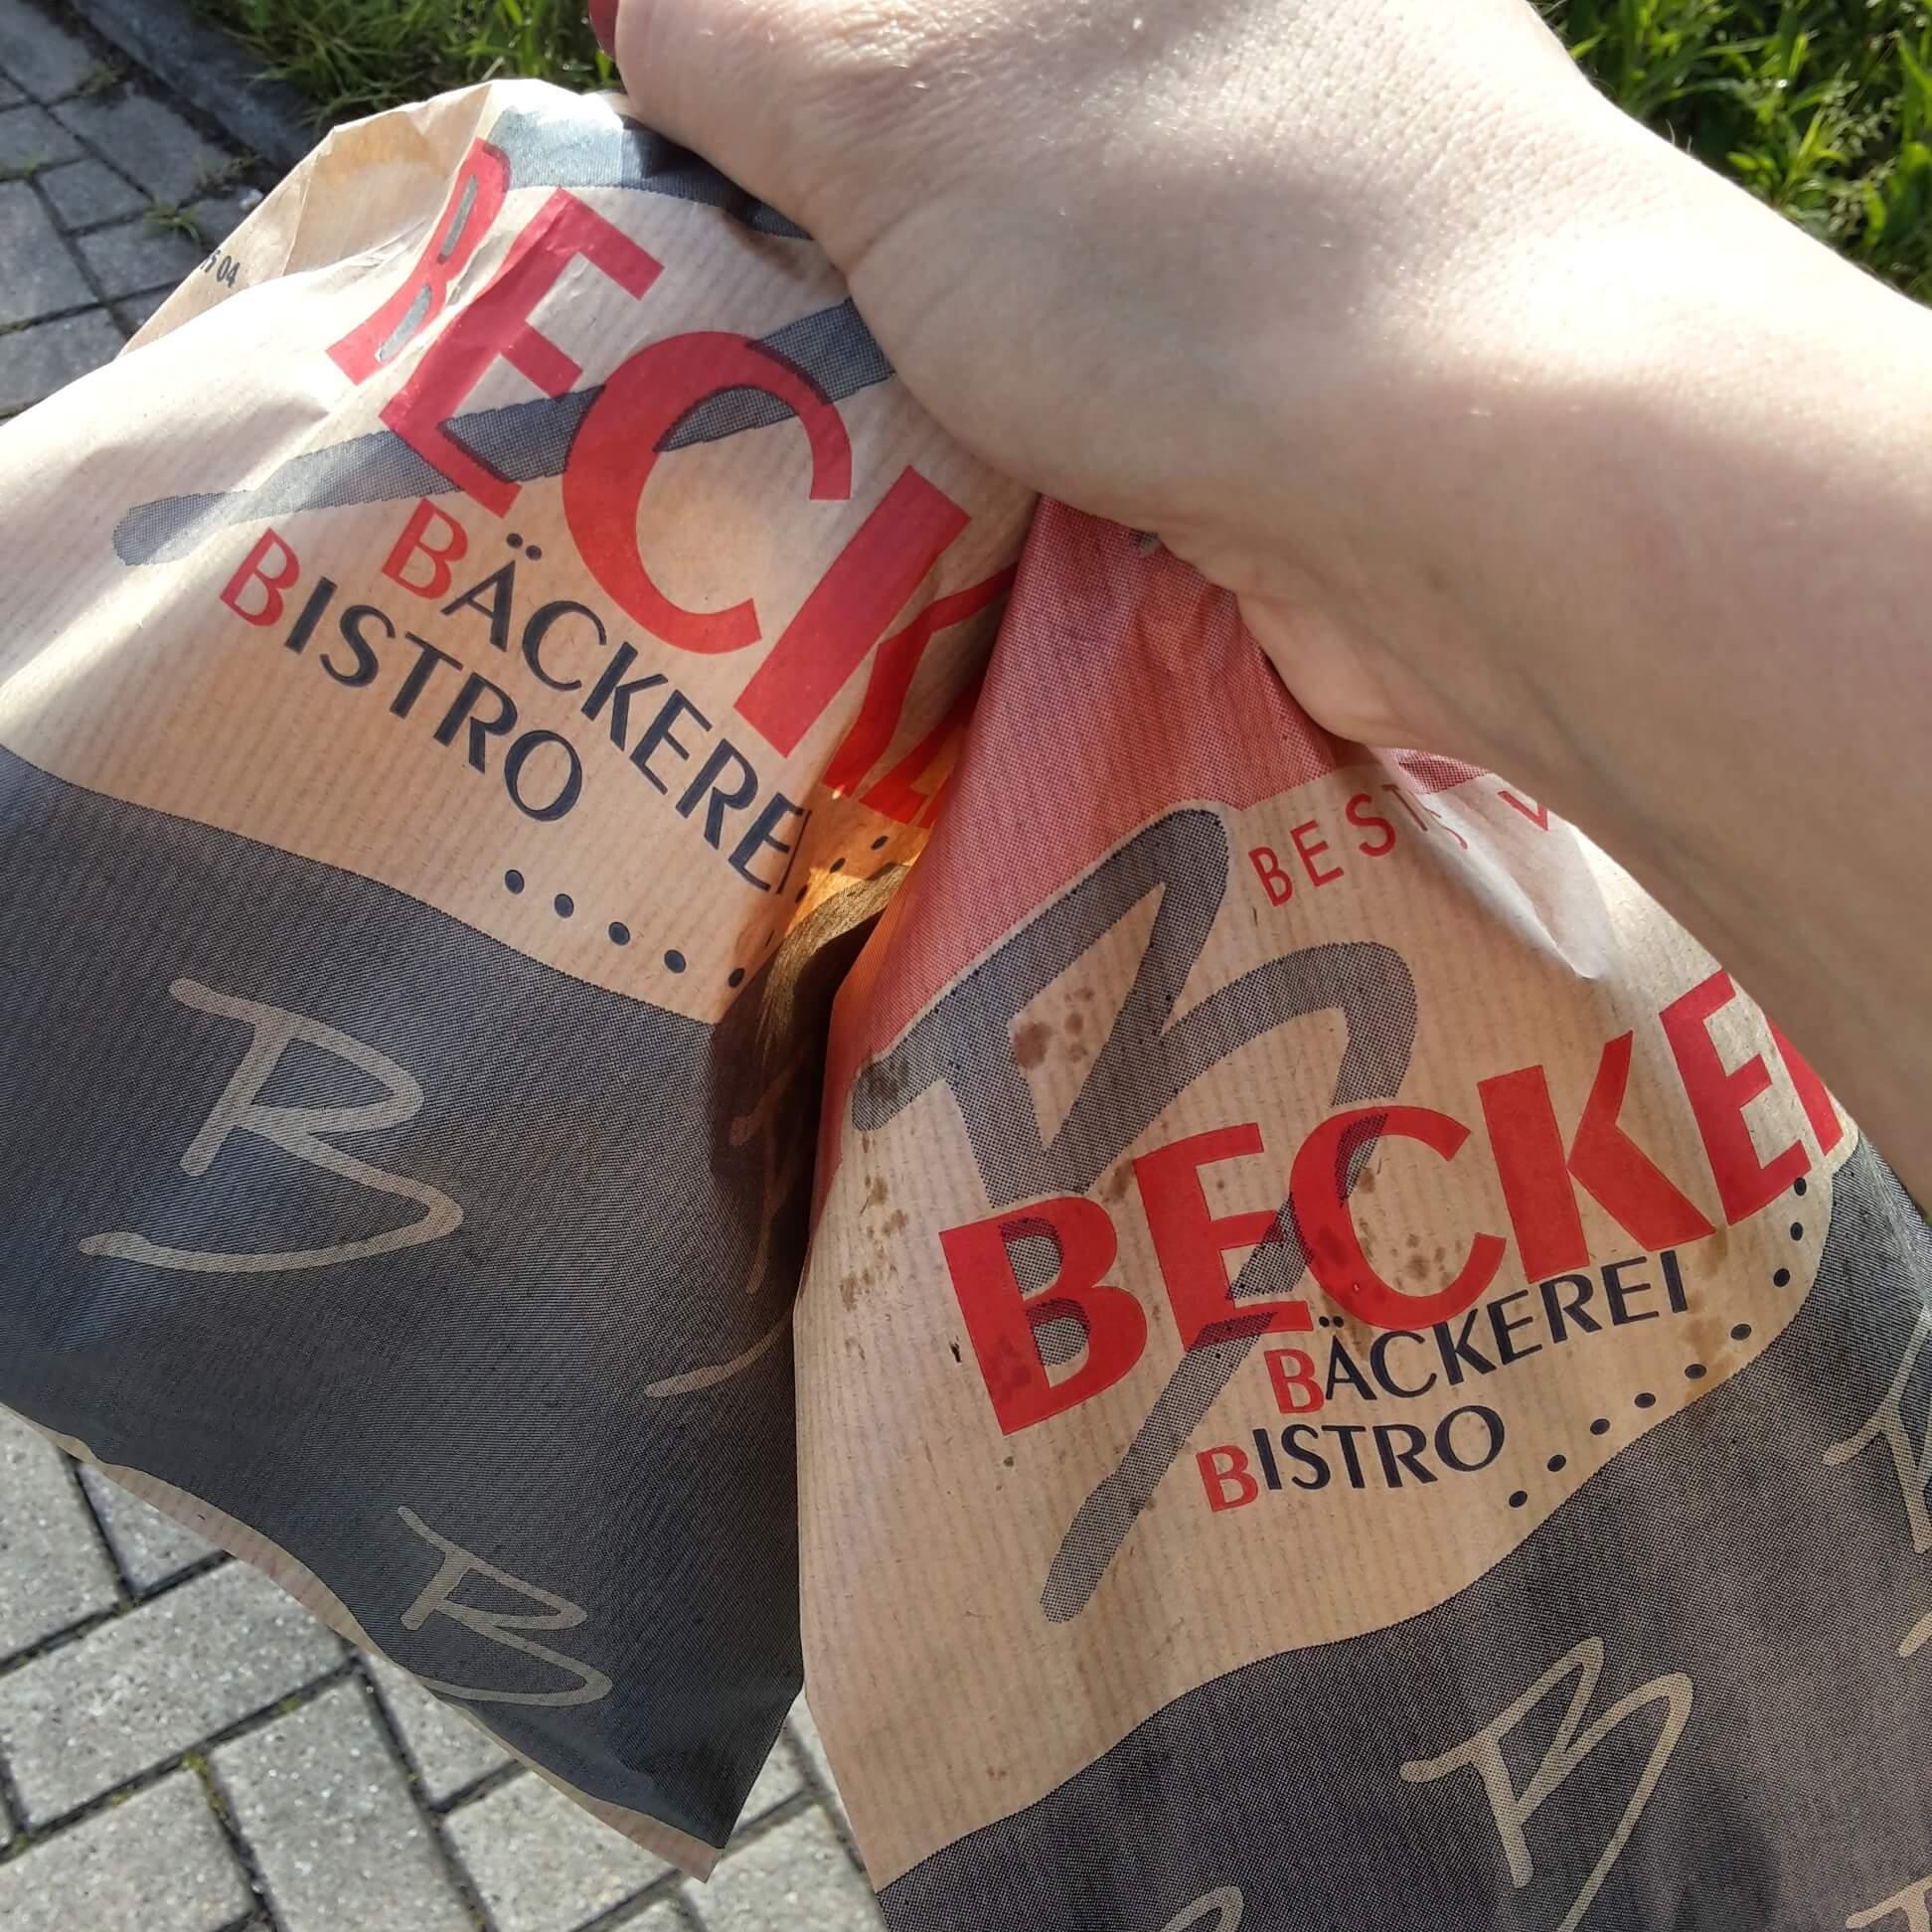 Baecker Becker